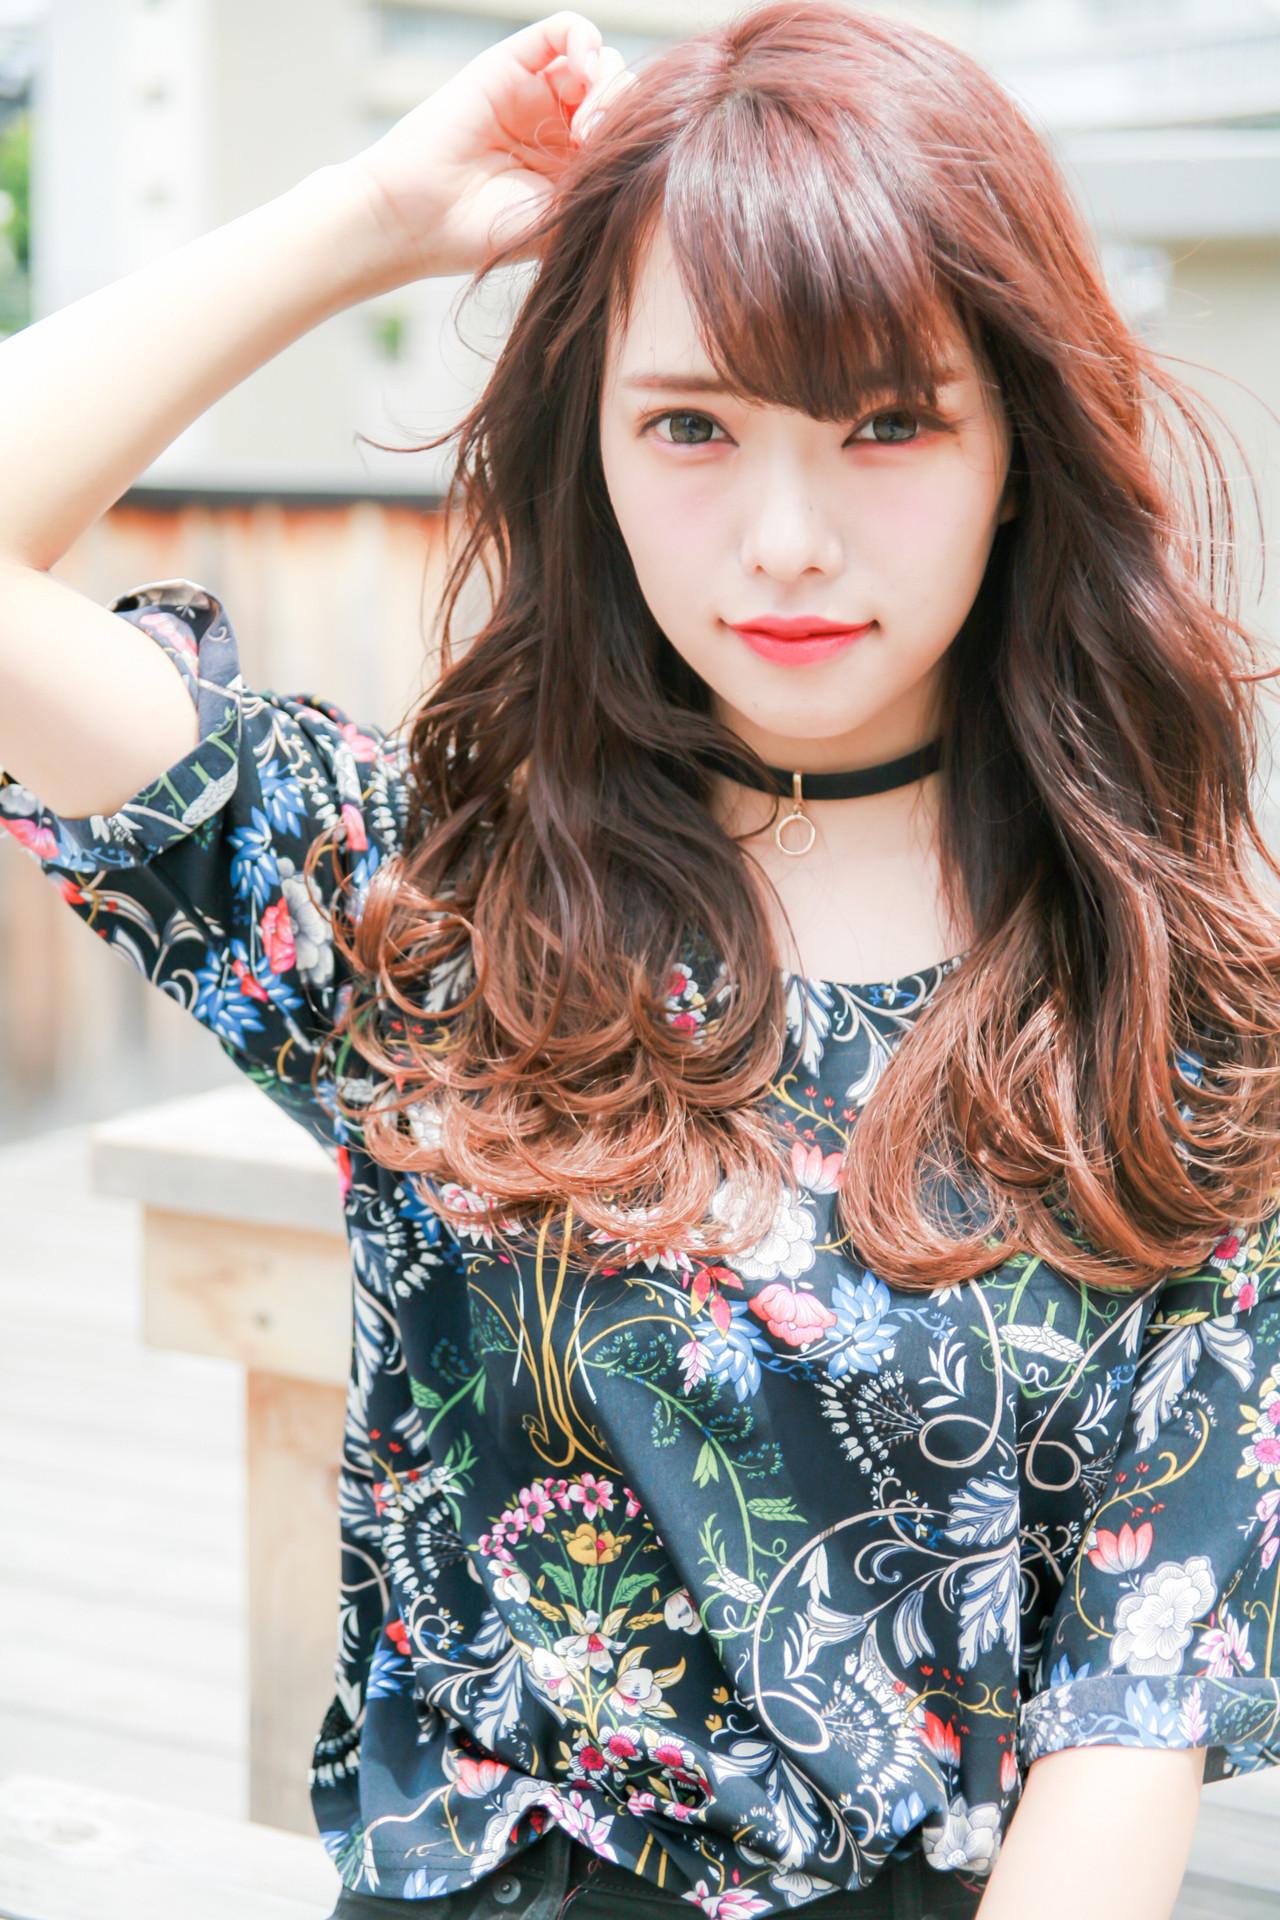 アウトドア ヘアアレンジ フェミニン コテ巻き ヘアスタイルや髪型の写真・画像